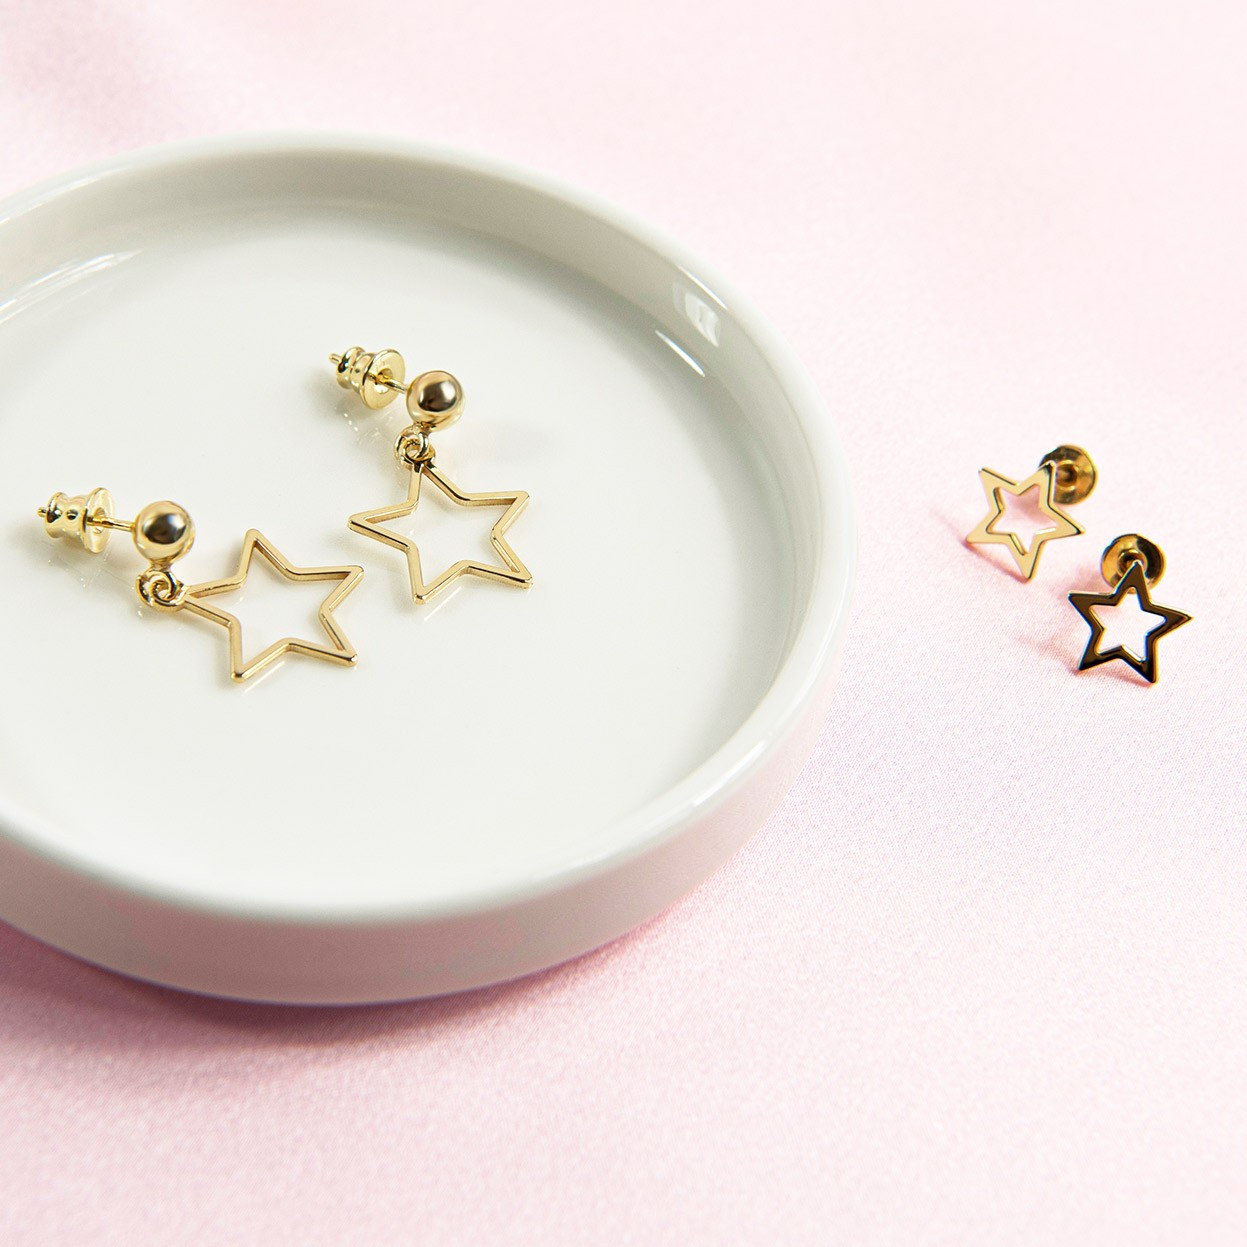 Silver openwork star drop earrings MON DÉFI, silver 925